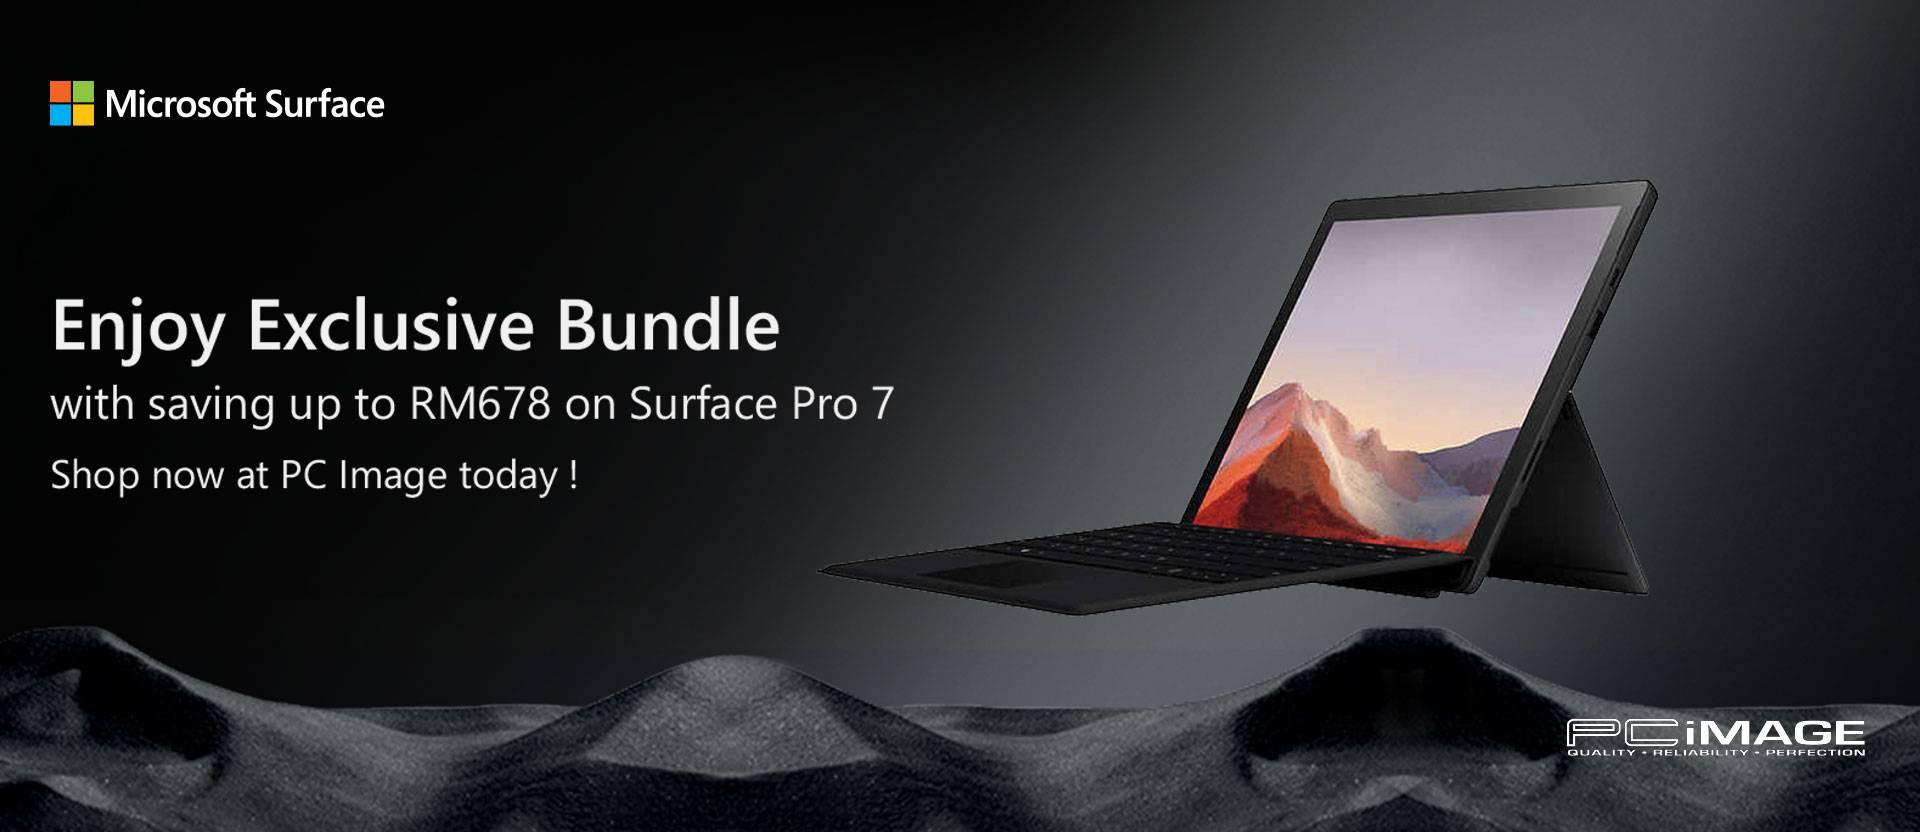 Surface Pro 7 Exclusive Bundle